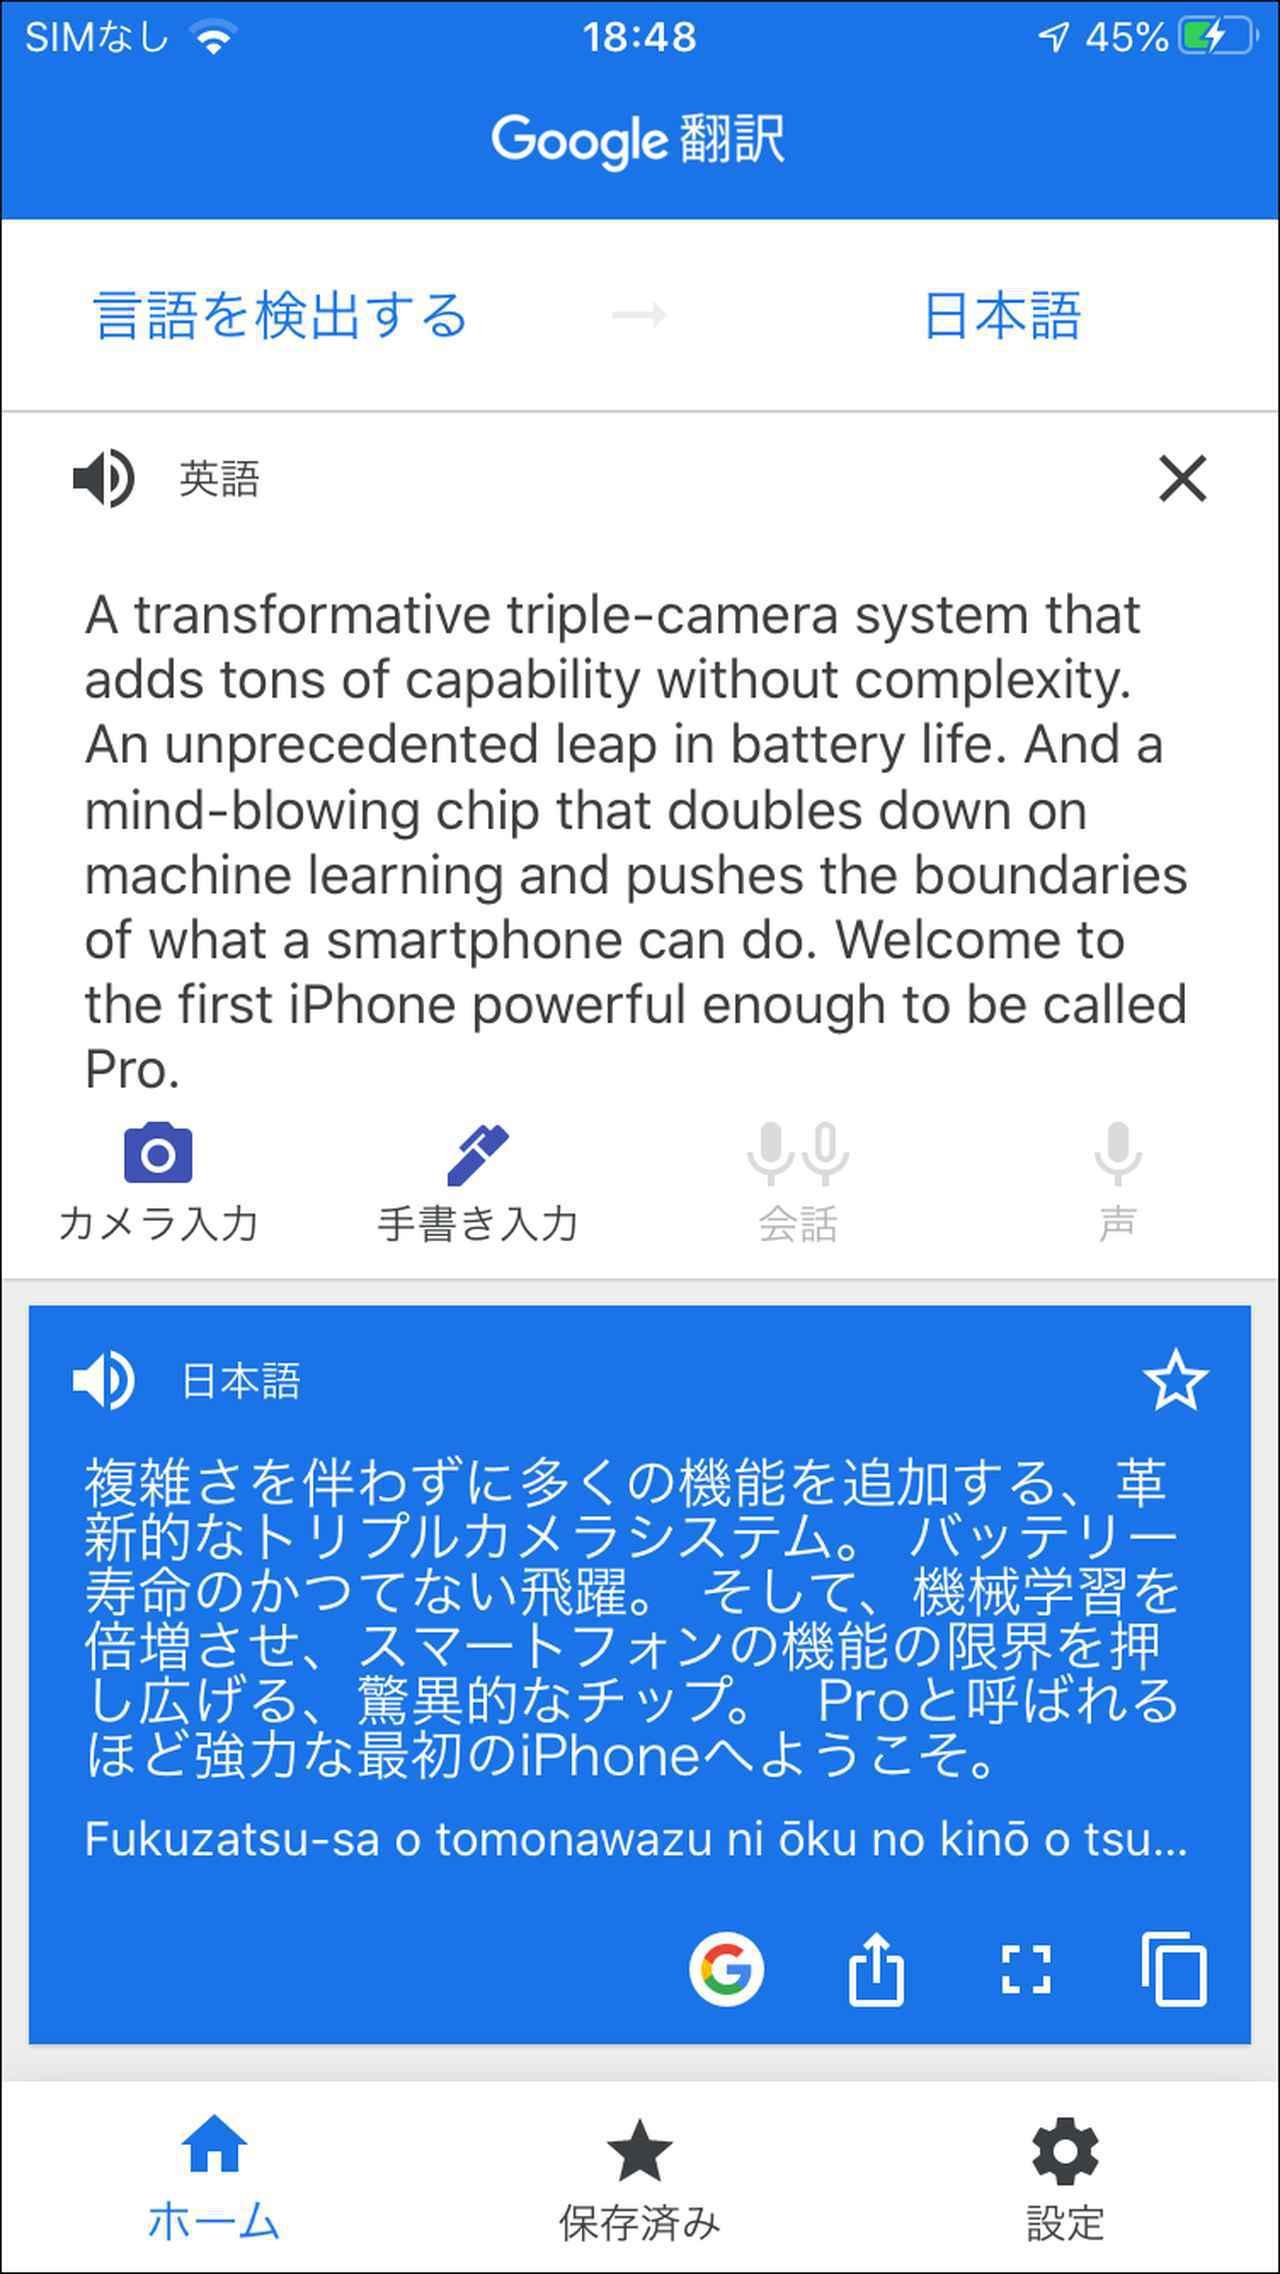 画像1: 【Google翻訳の使い方】オフラインモードやスピード翻訳、リアルタイム翻訳など マスターしておきたい便利ワザ5選